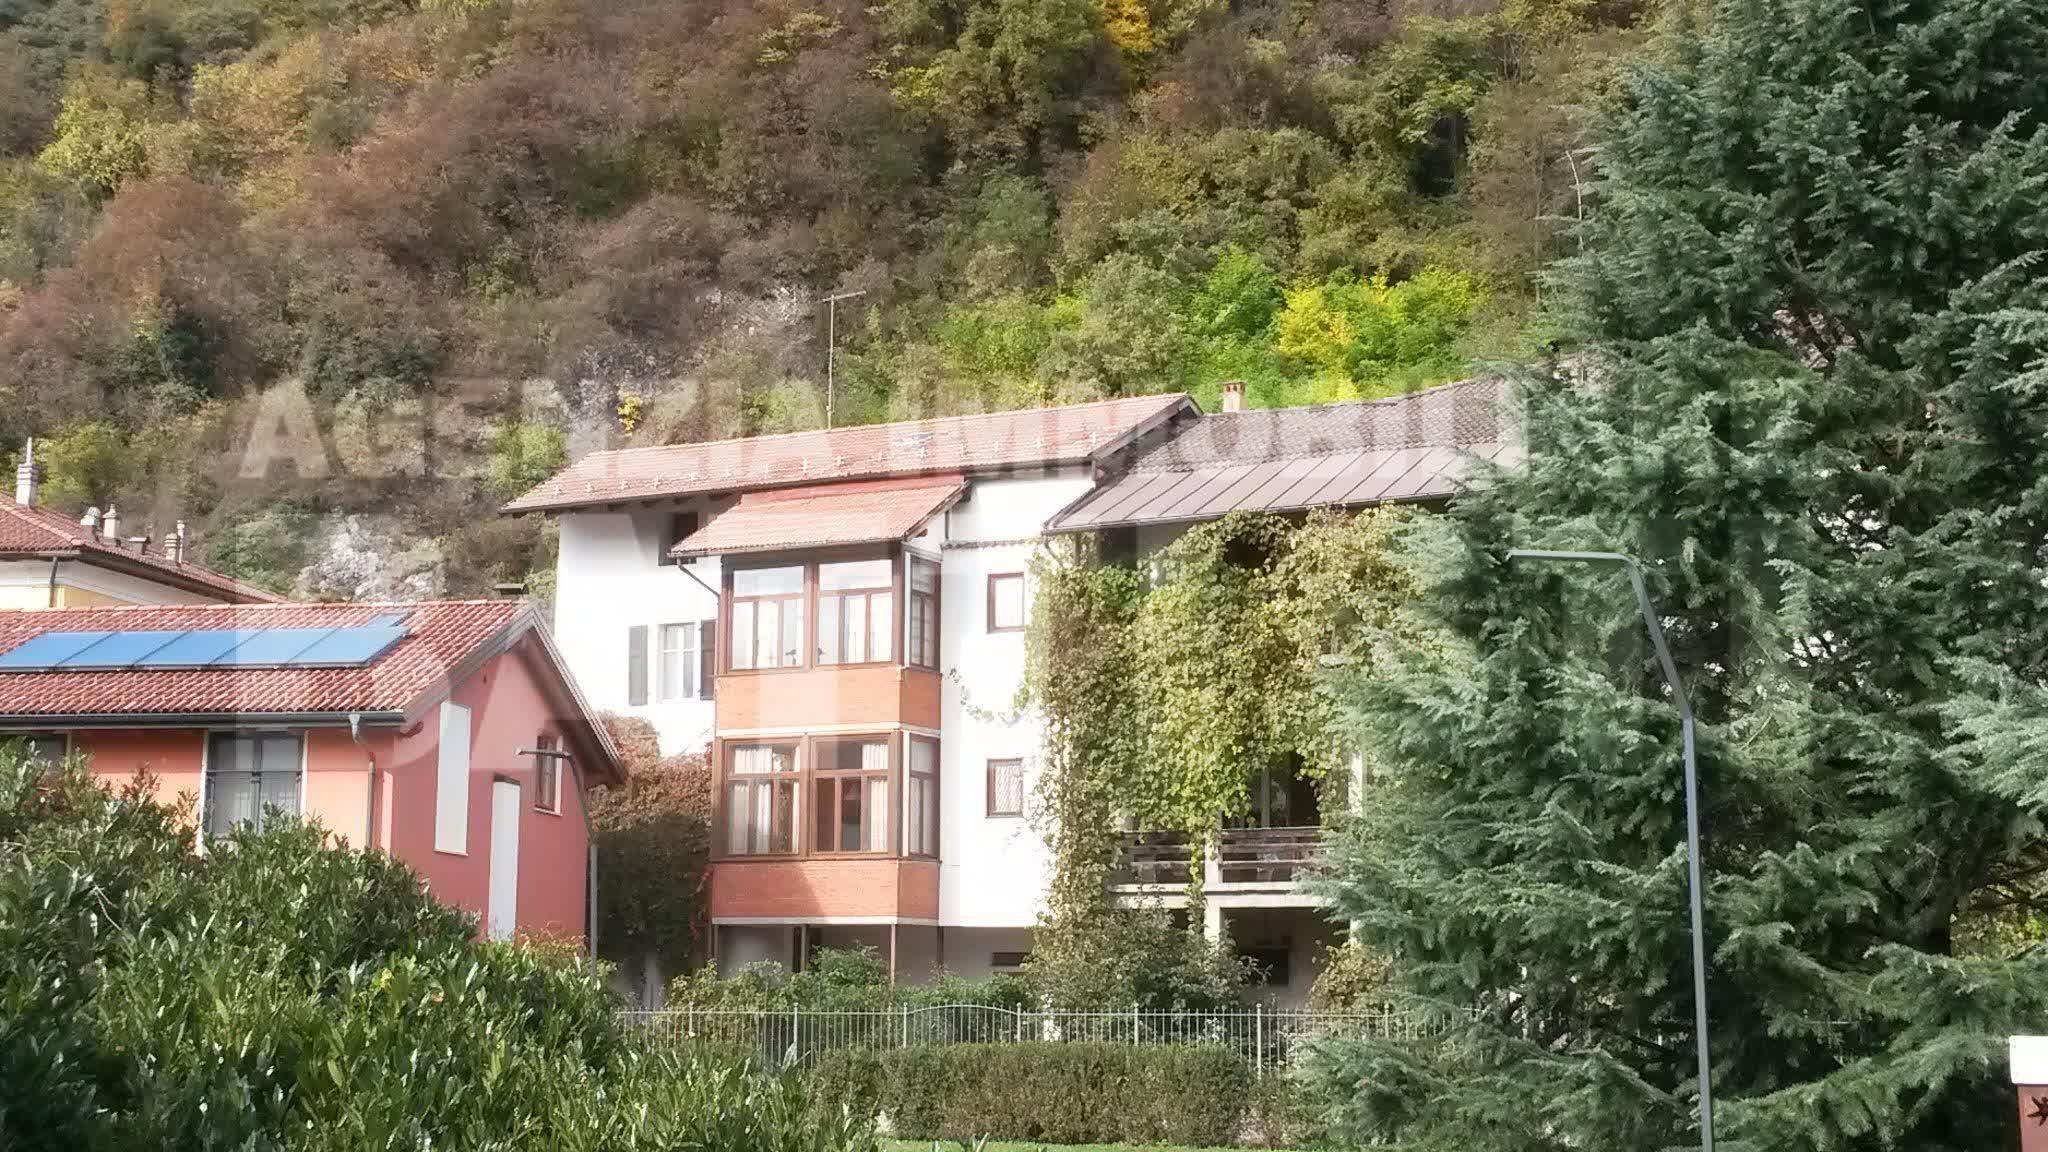 Porzione in centro a borgo immobiliare battisti for Piani casa sul tetto di bassa altezza